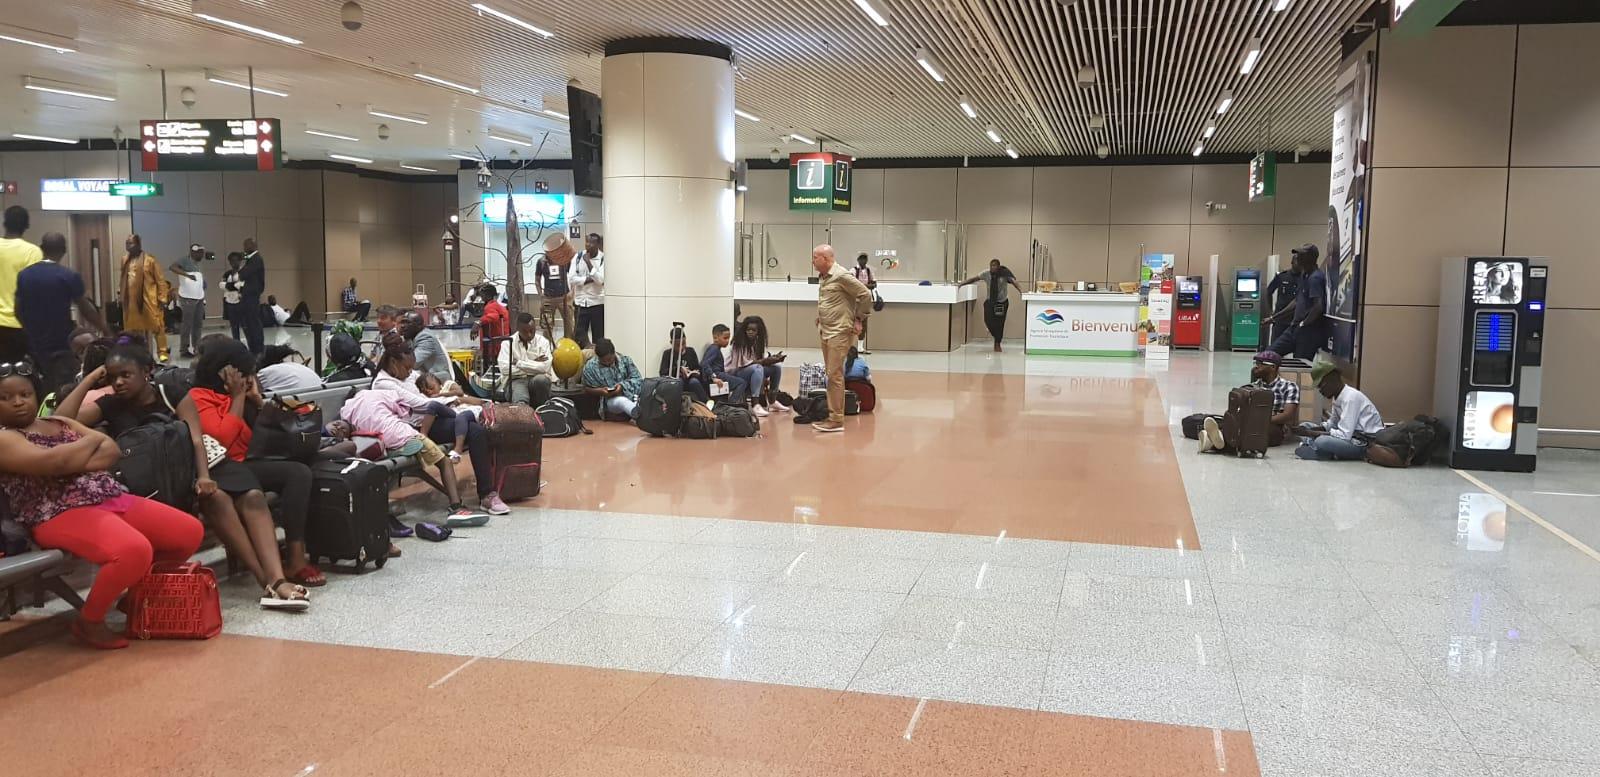 passagers RAM 04 - Senenews - Actualité au Sénégal, Politique, Économie, Sport